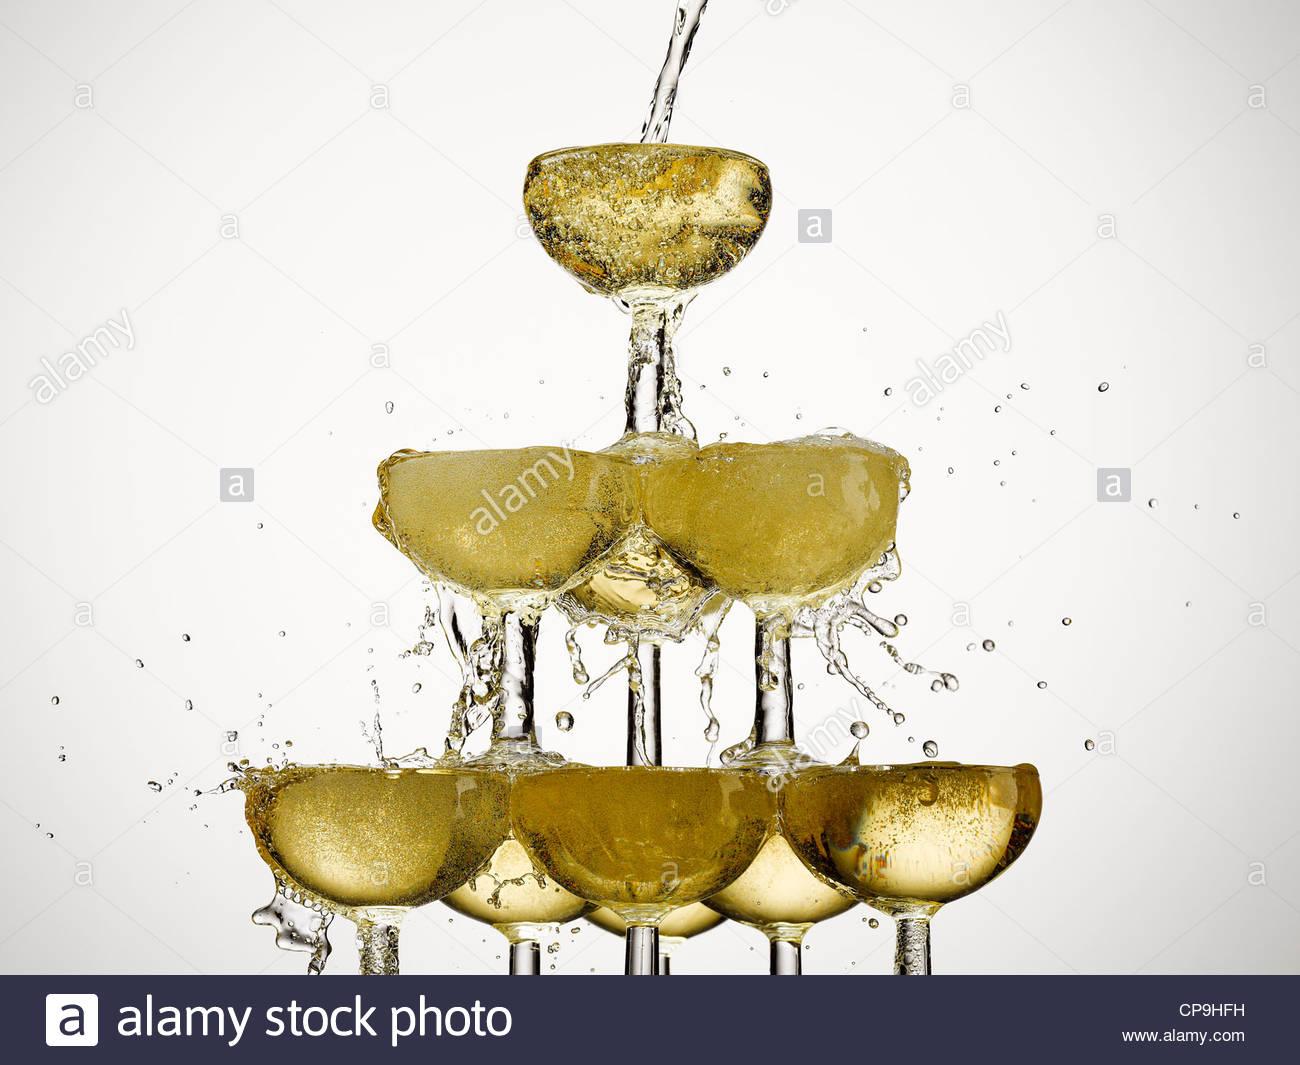 Abundancia,fiesta,champán, vaso de champán,color image,concepto,energía,exceso,exuberancia,relleno Imagen De Stock